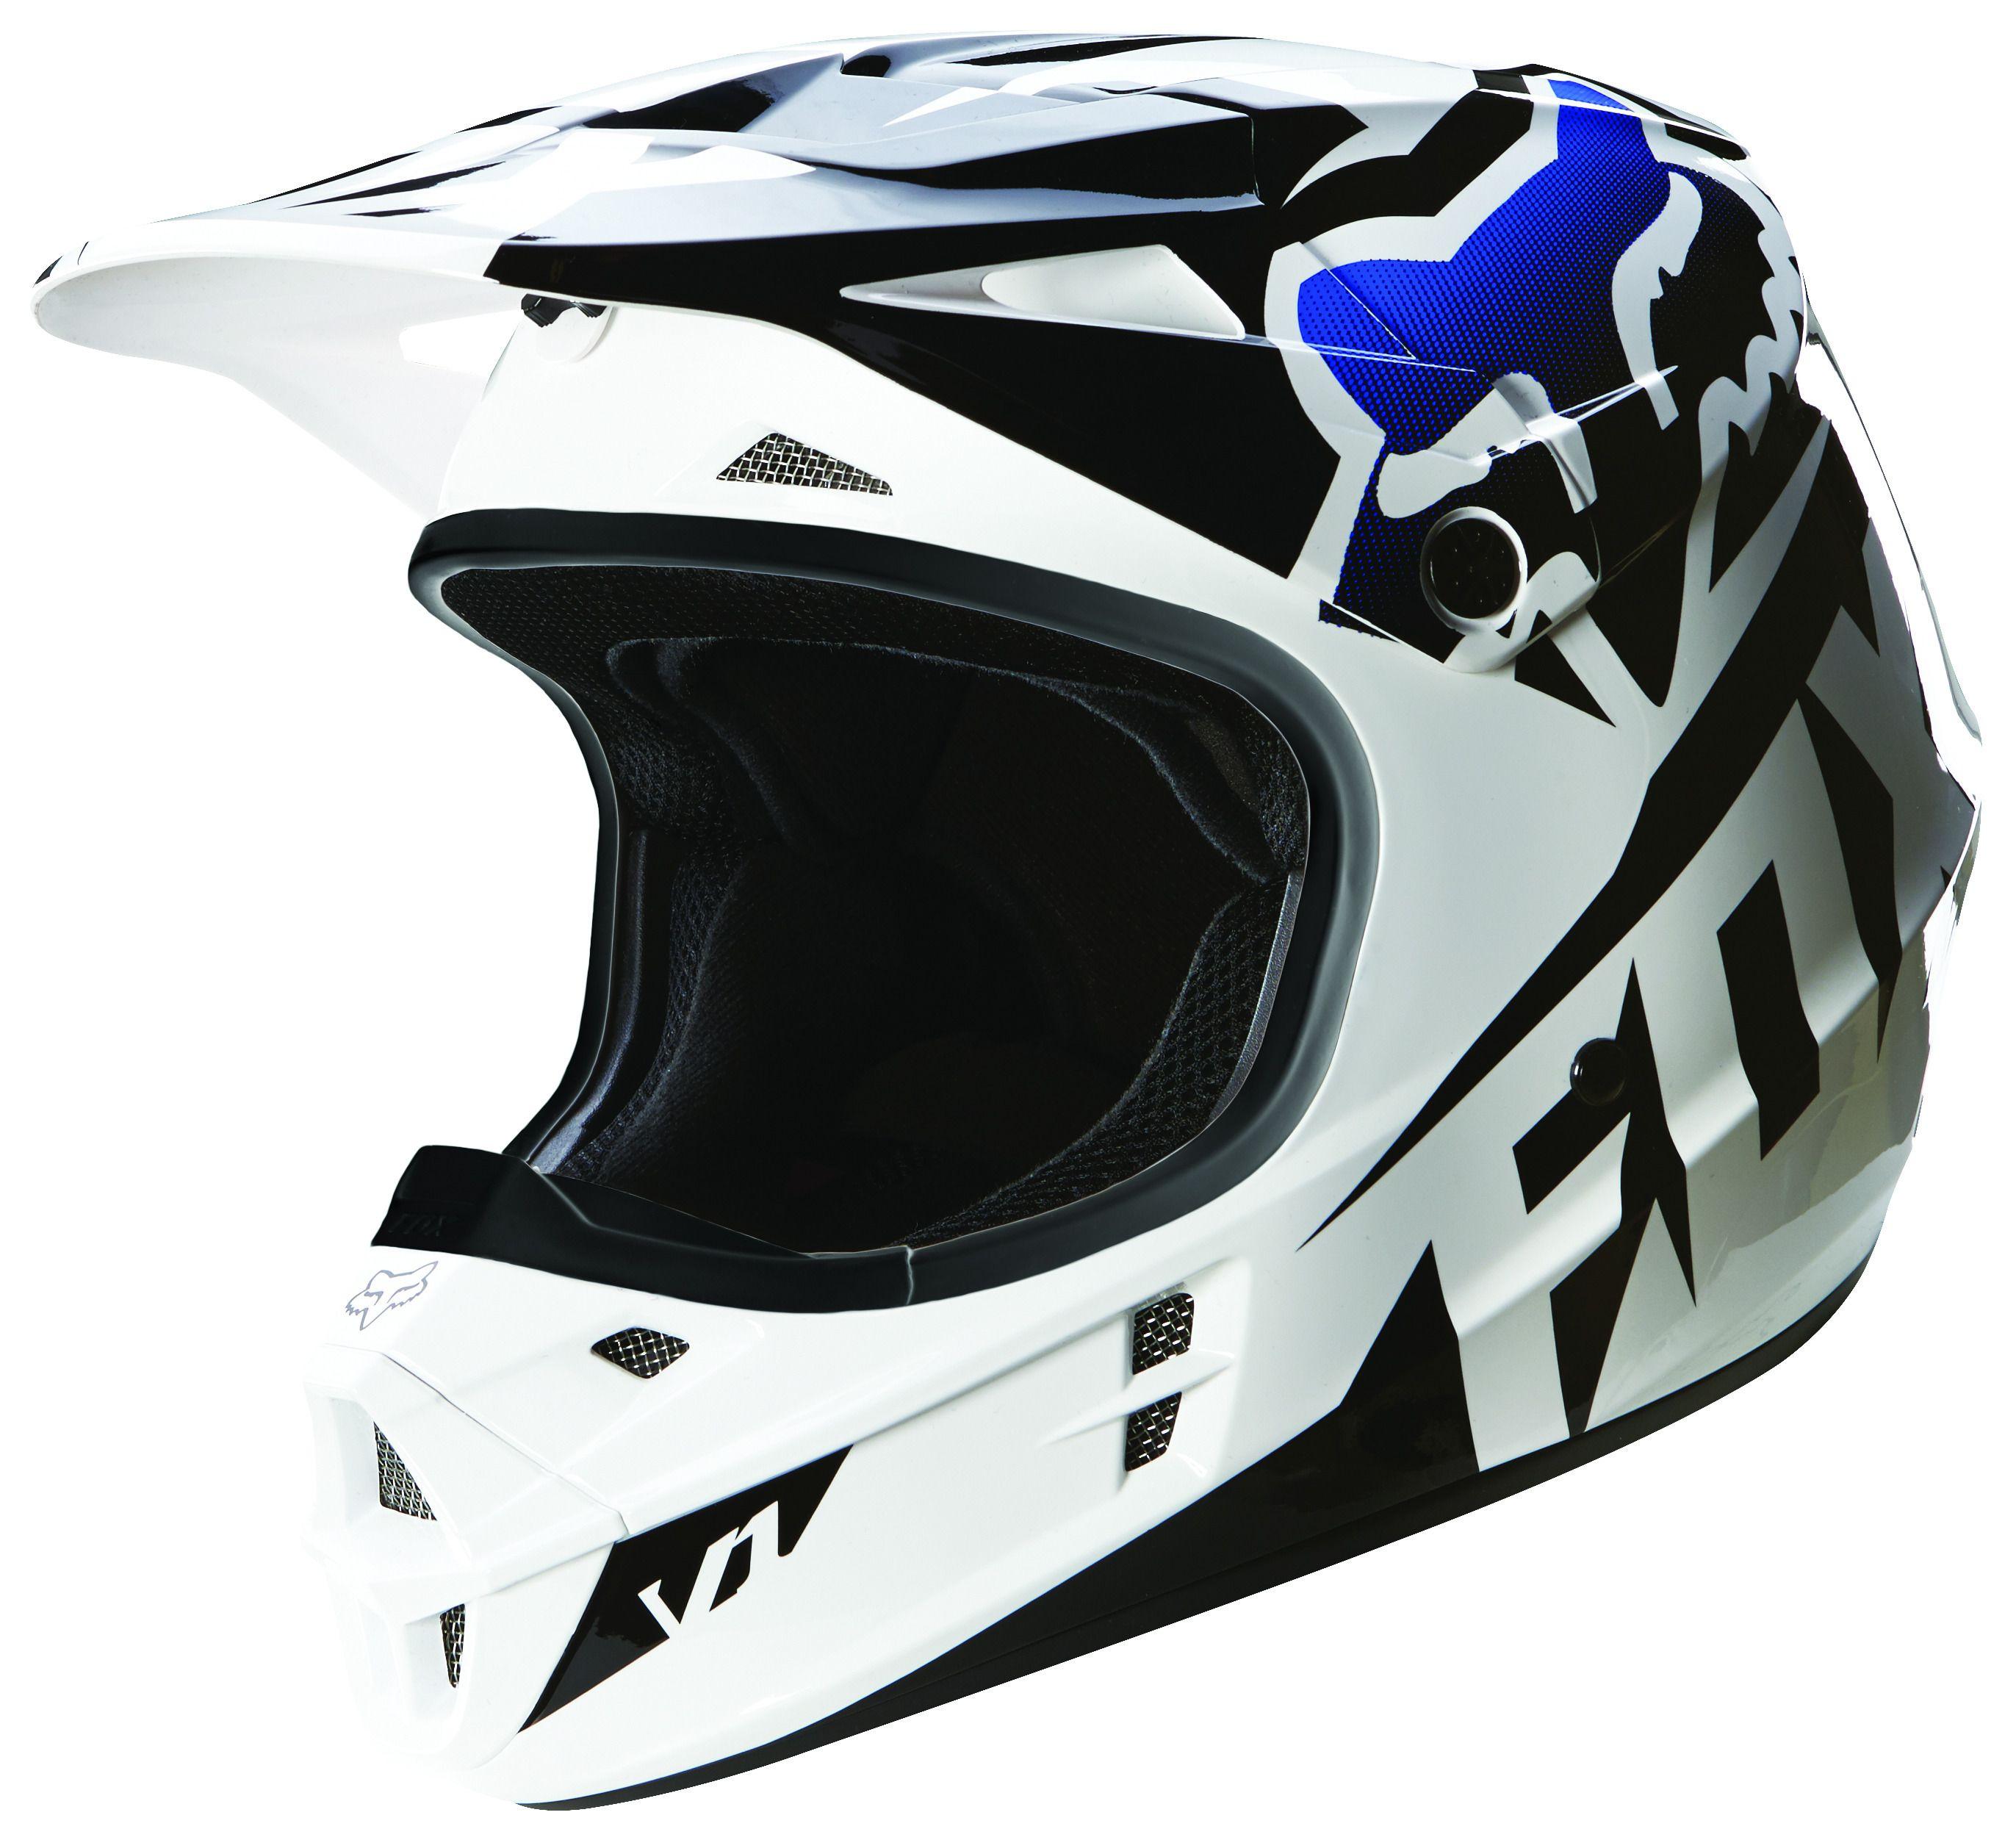 Fox Racing V1 Race Helmet Revzilla